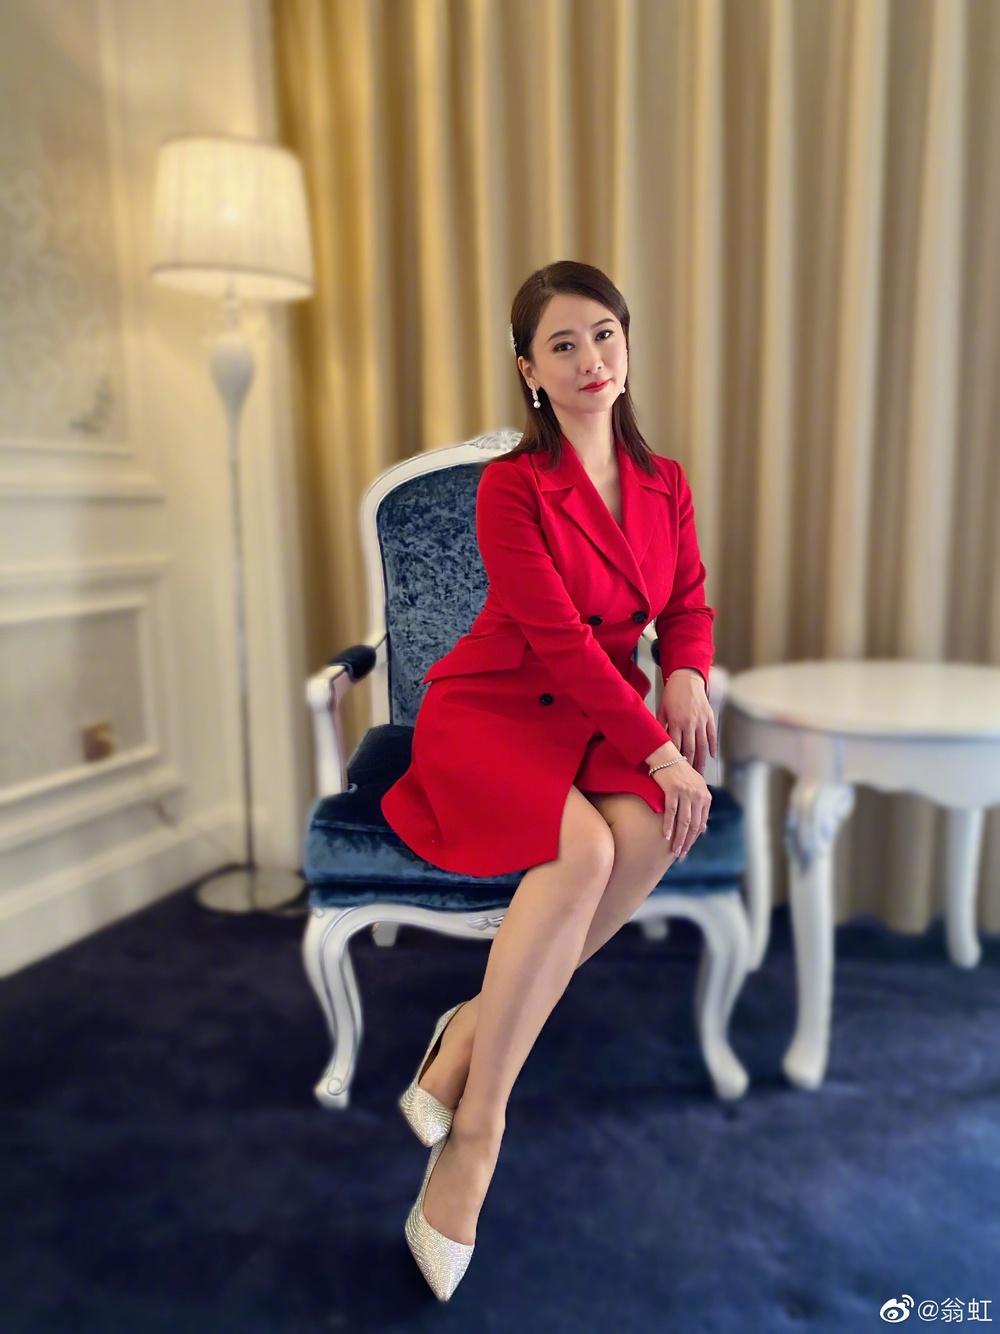 Nữ hoàng phim 18+: Bị Cổ Thiên Lạc si mê theo đuổi, gọi điện chửi mắng 20 phút vì không chịu yêu - Ảnh 13.